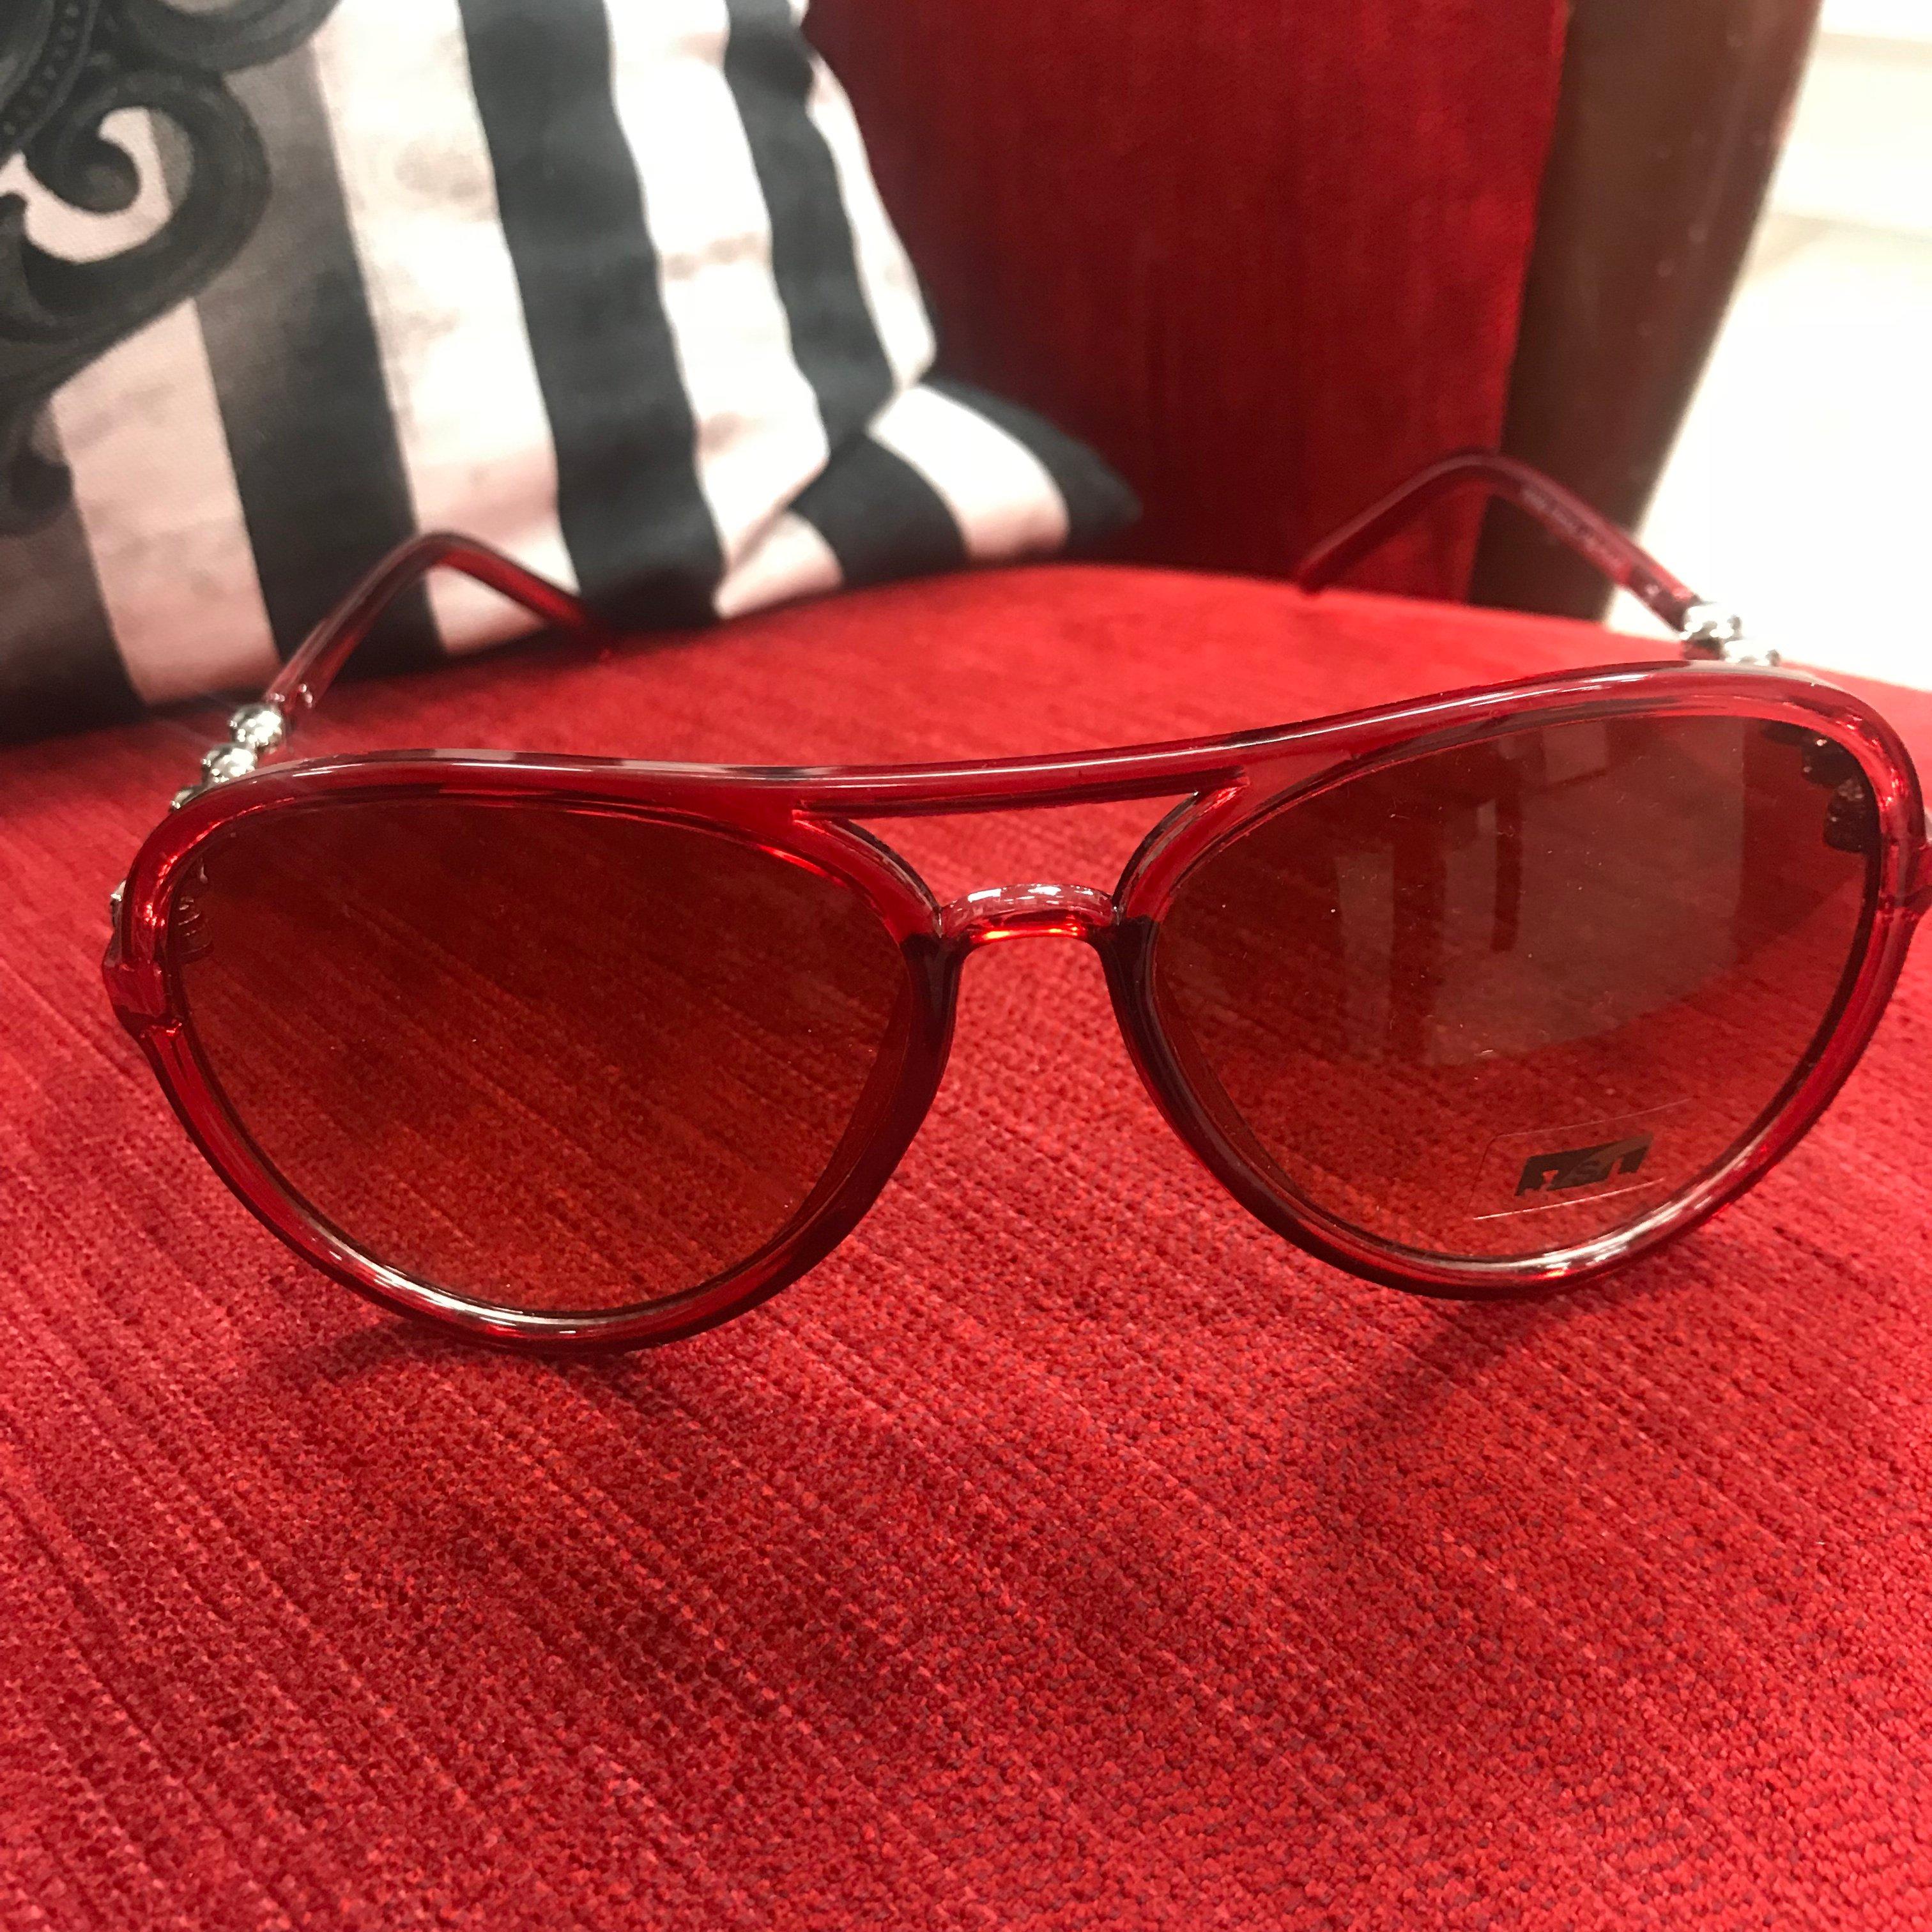 ROCK N' ROLL - Röda solglasögon